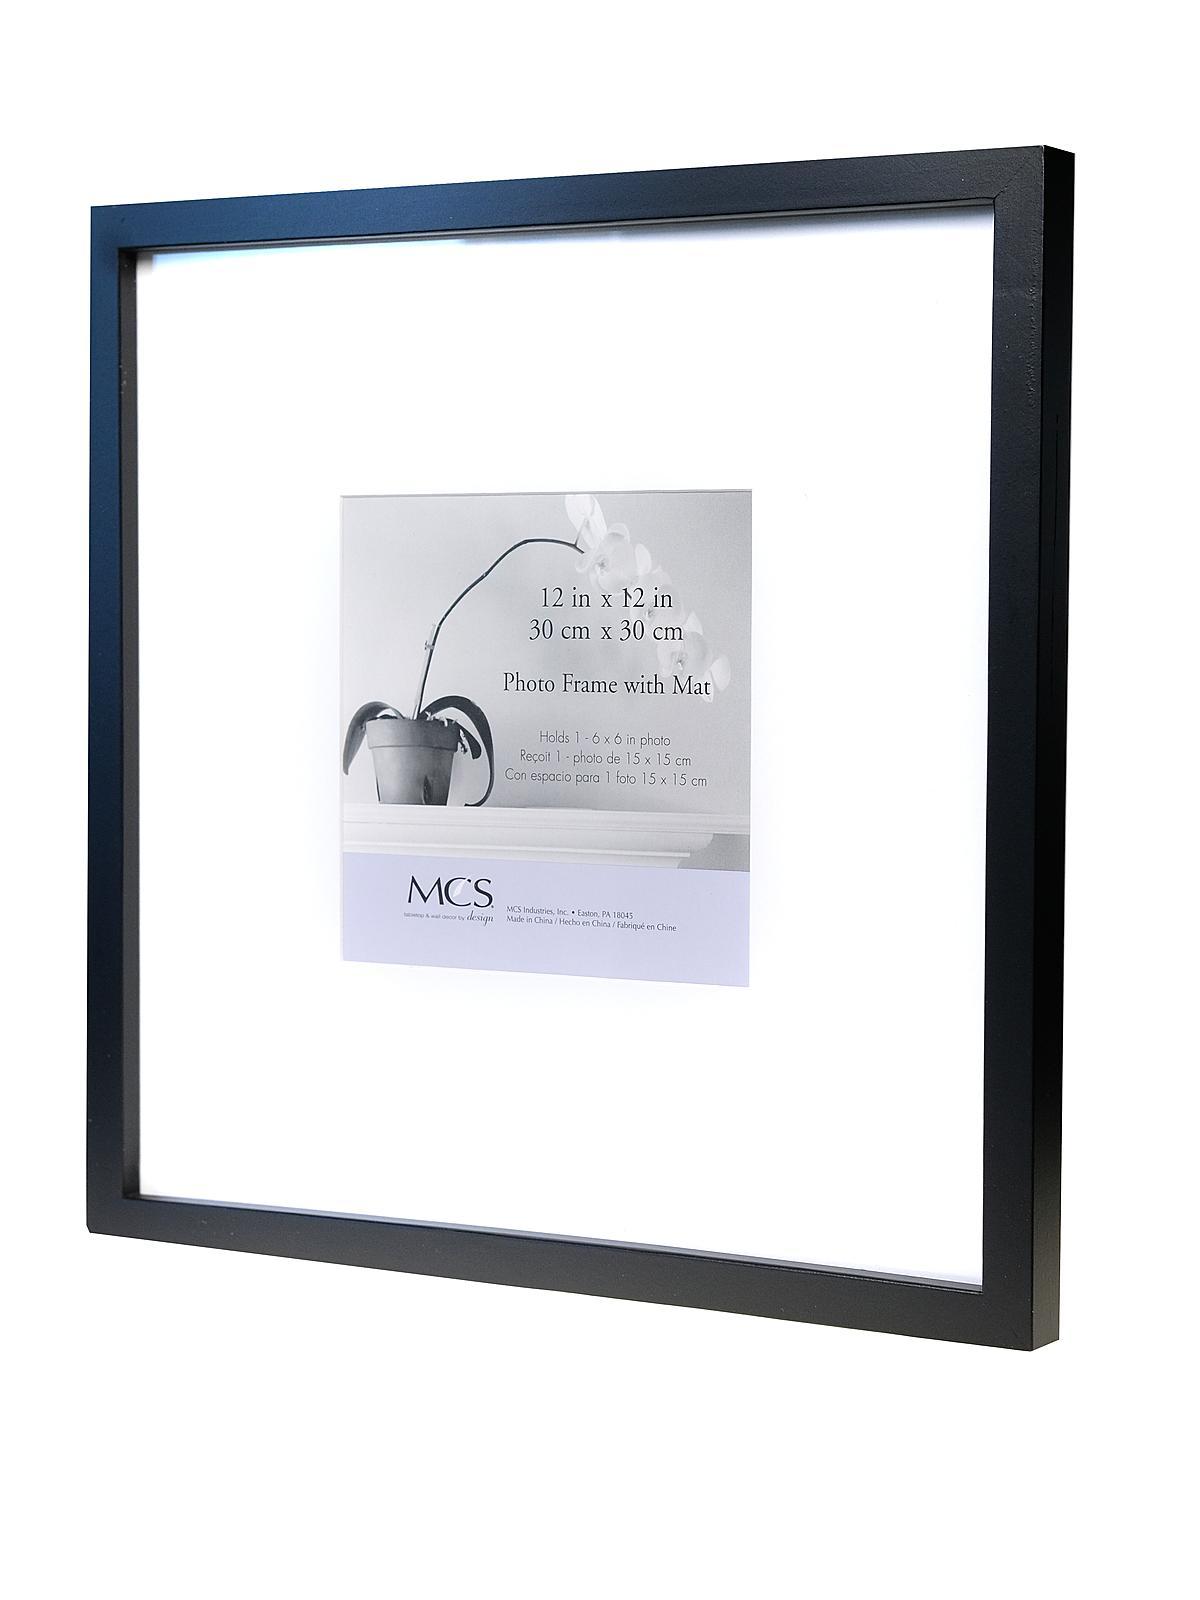 MCS - East Village Frames